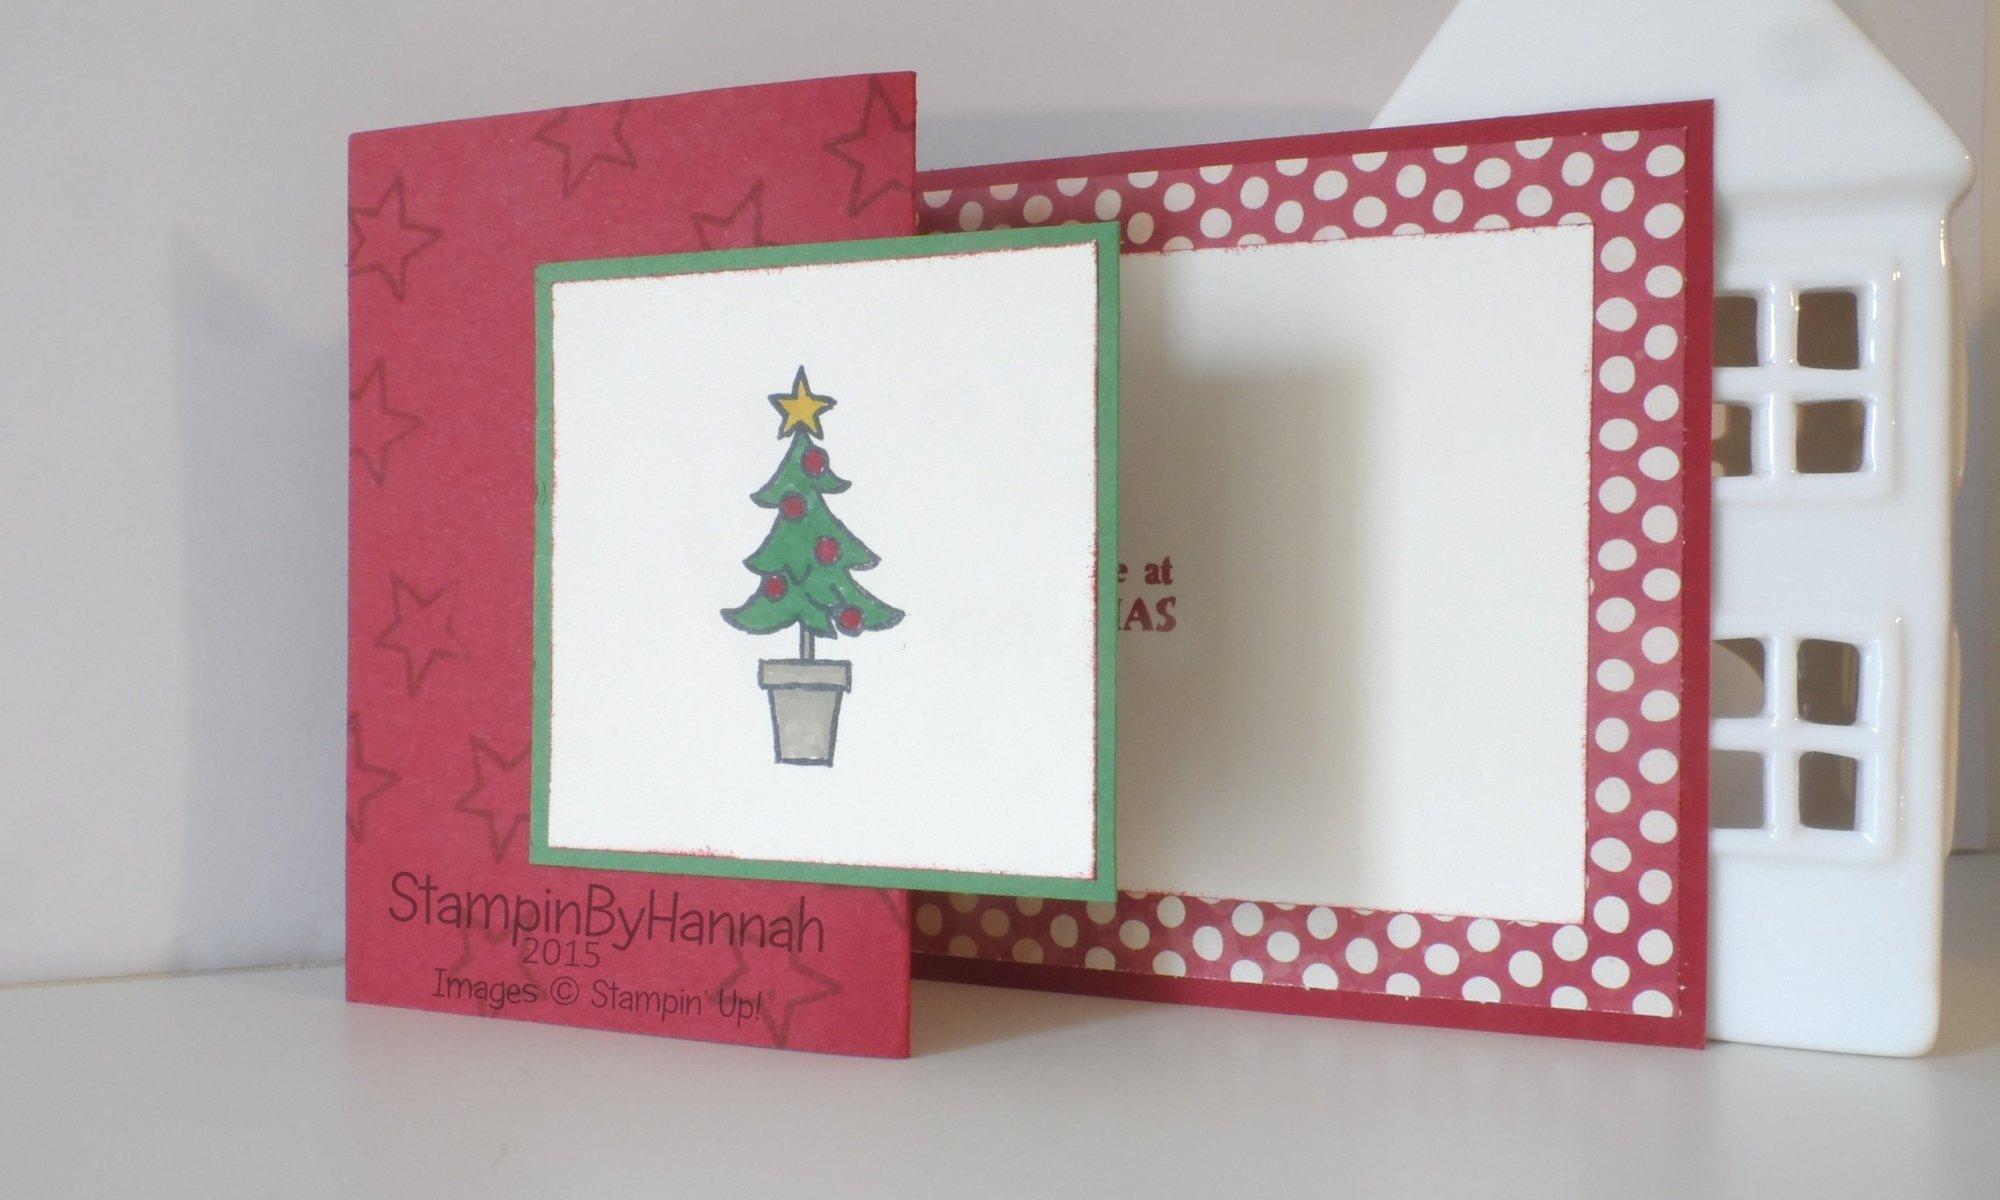 Stampin' Up! UK Santa's gifts Christmas card